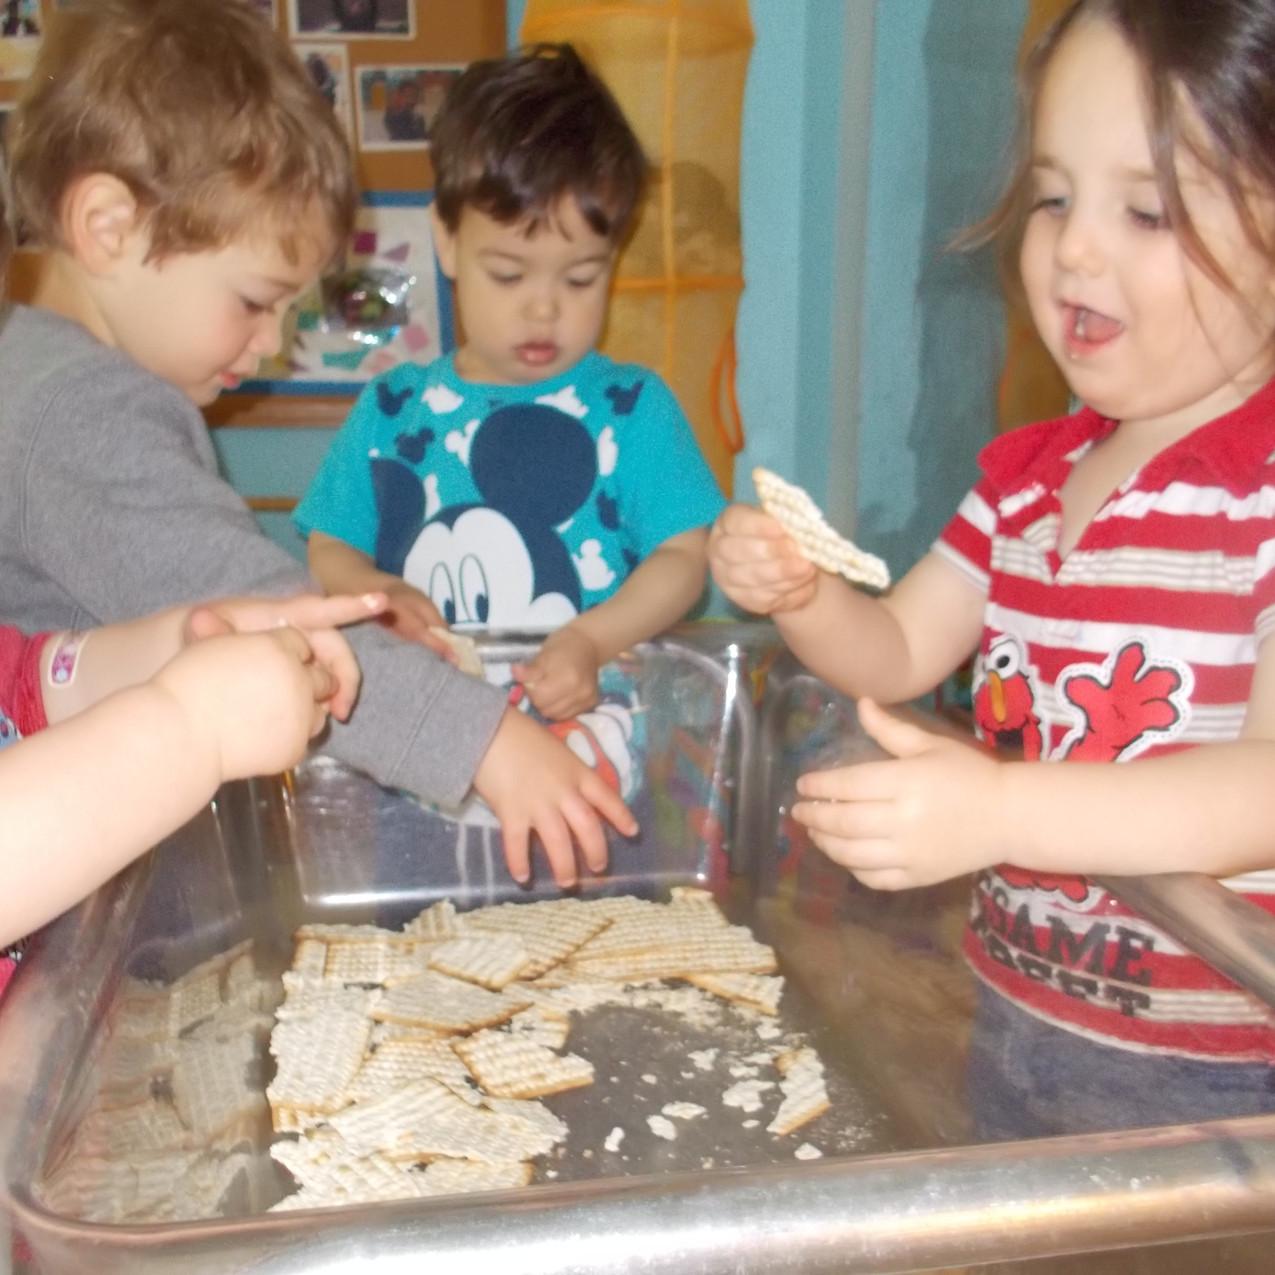 Team Parparim exploring matzah in their sensory table.